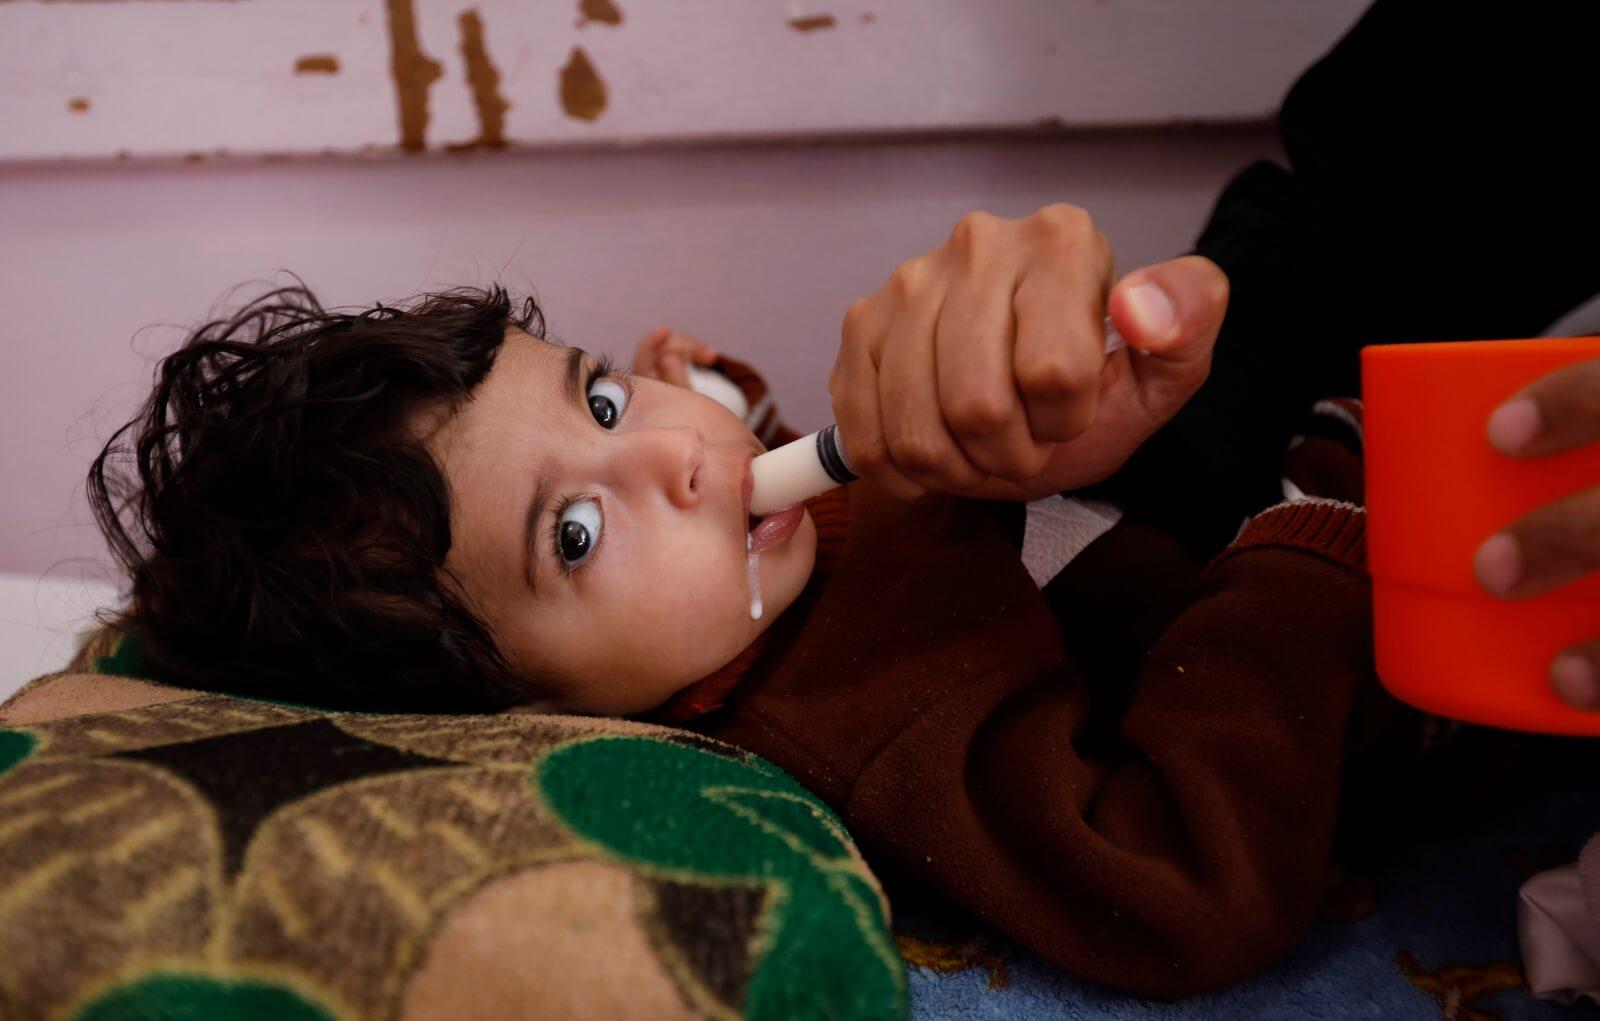 Trwający konflit w Jemenie dotyka dzieci fot. EPA/YAHYA ARHAB